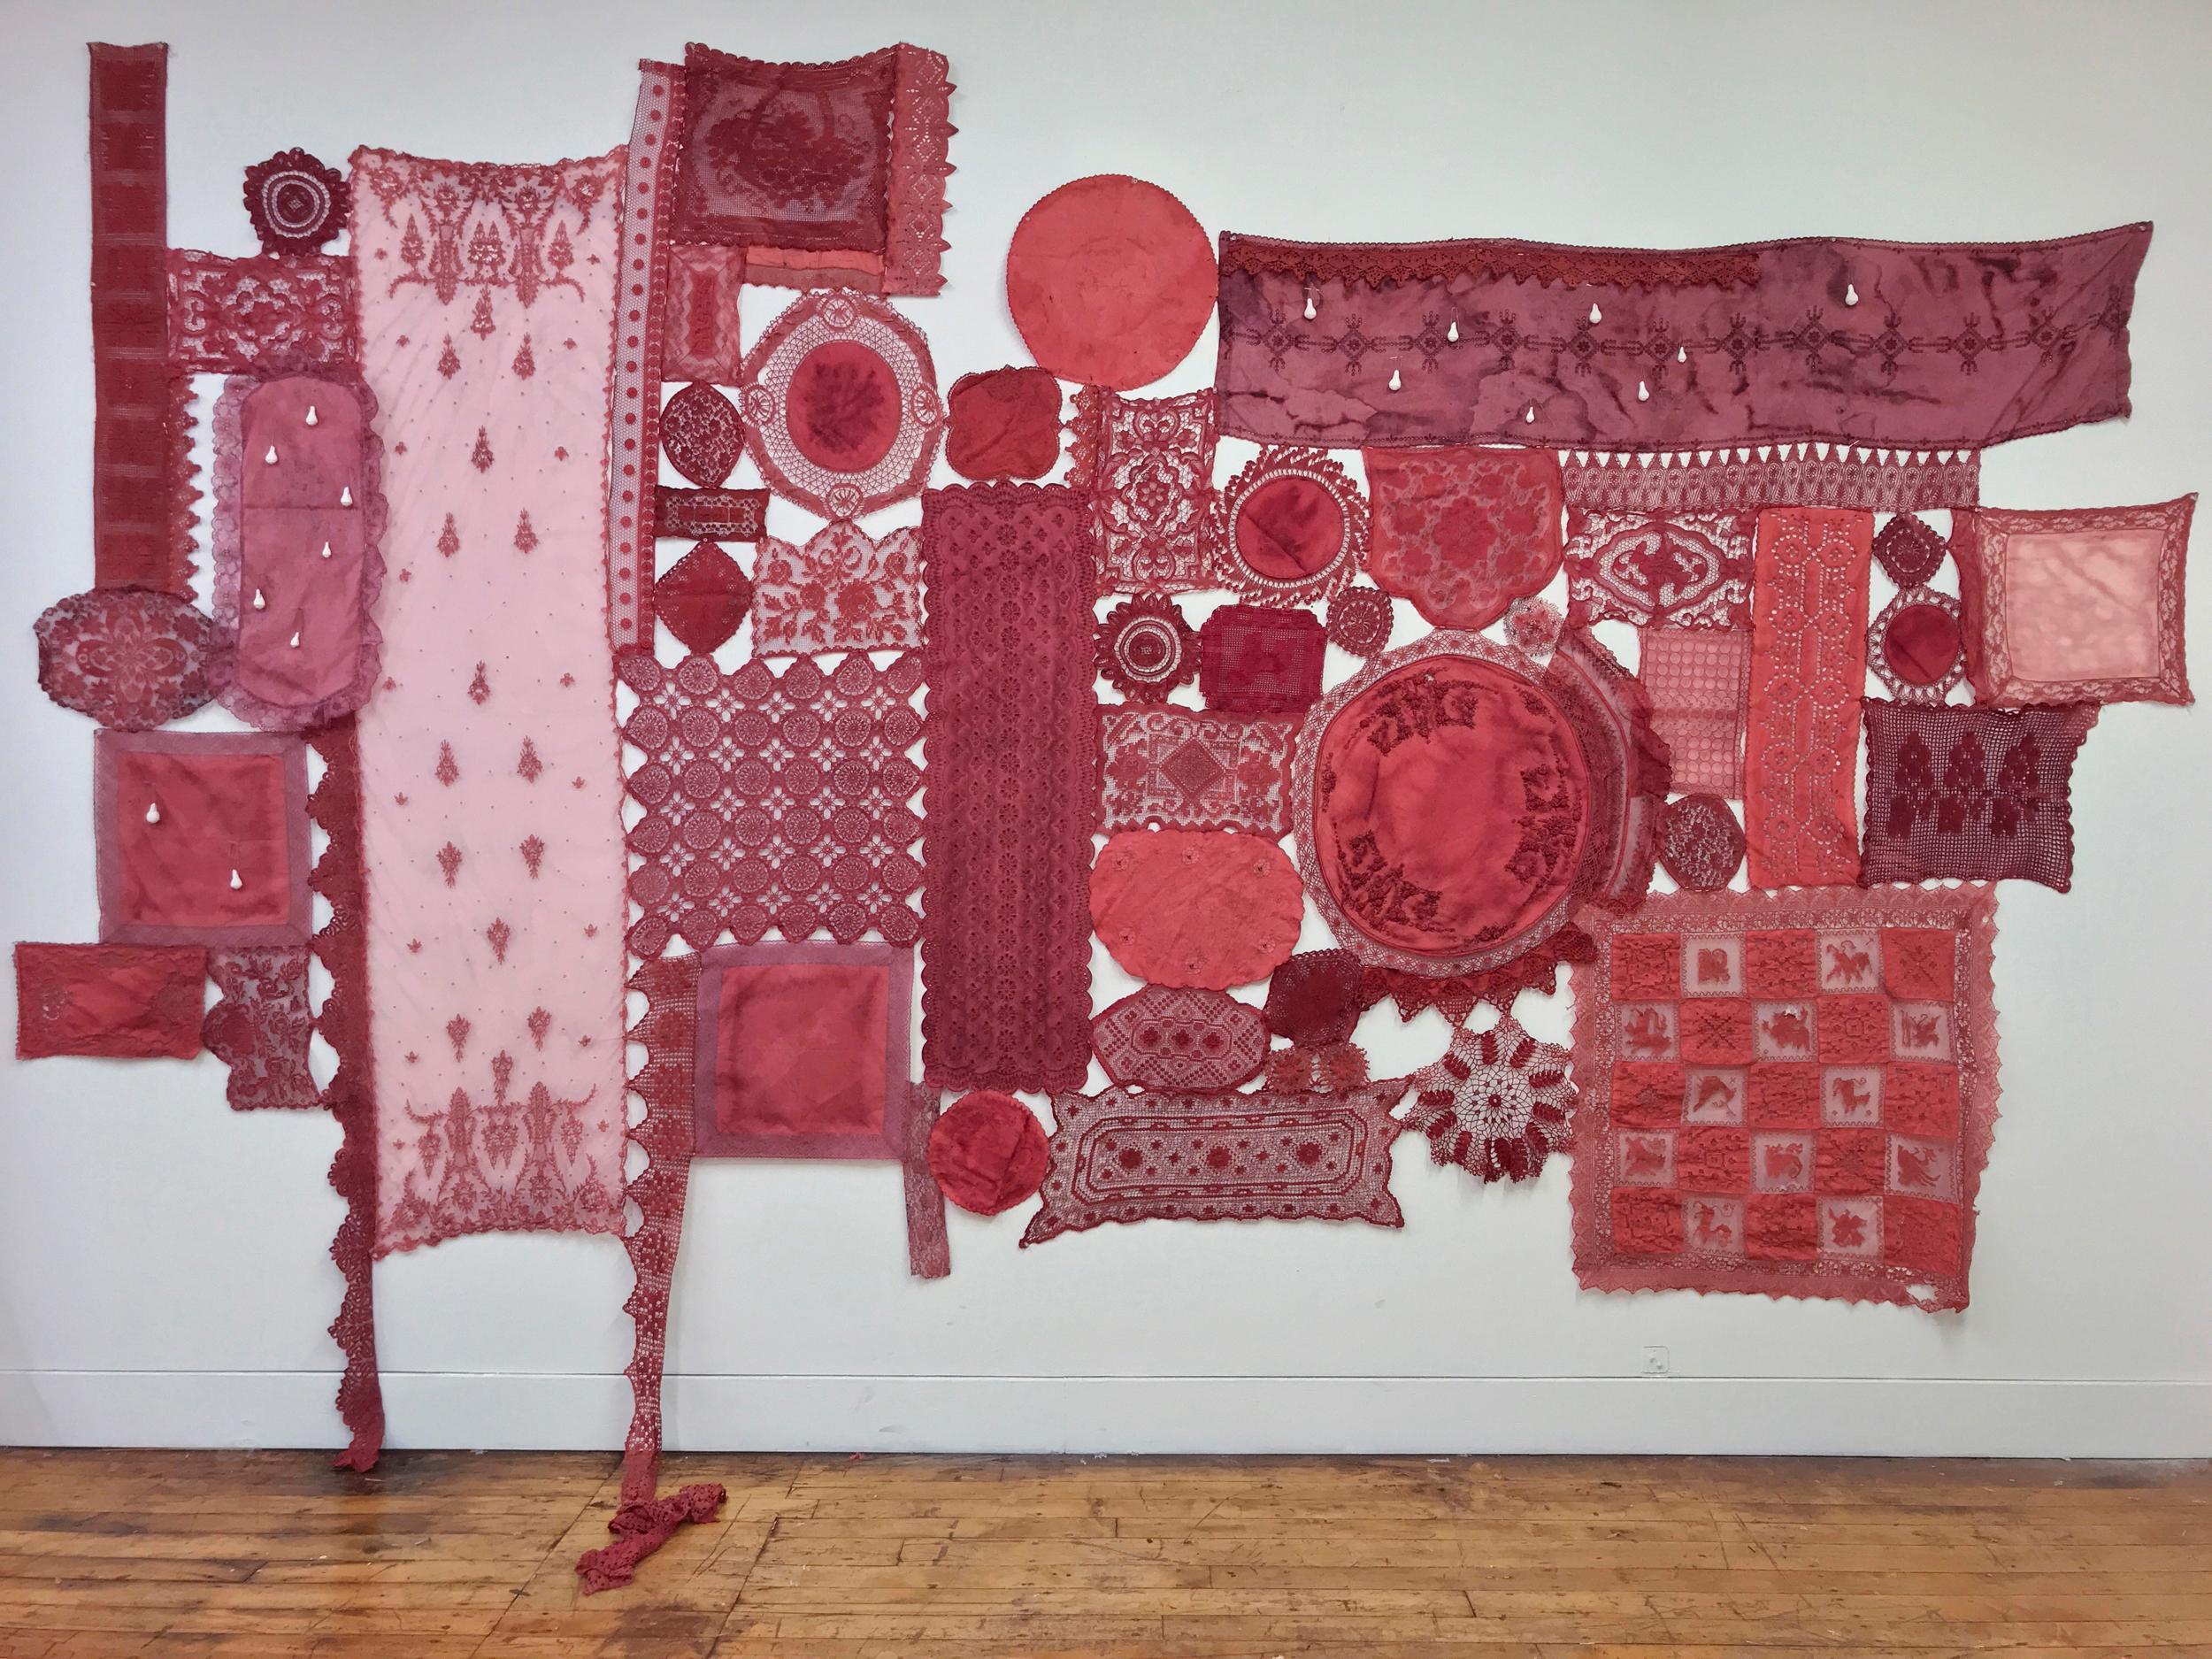 Patricia Miranda, Lamentations for Rebecca; 2020, lace, cochineal dye,thread